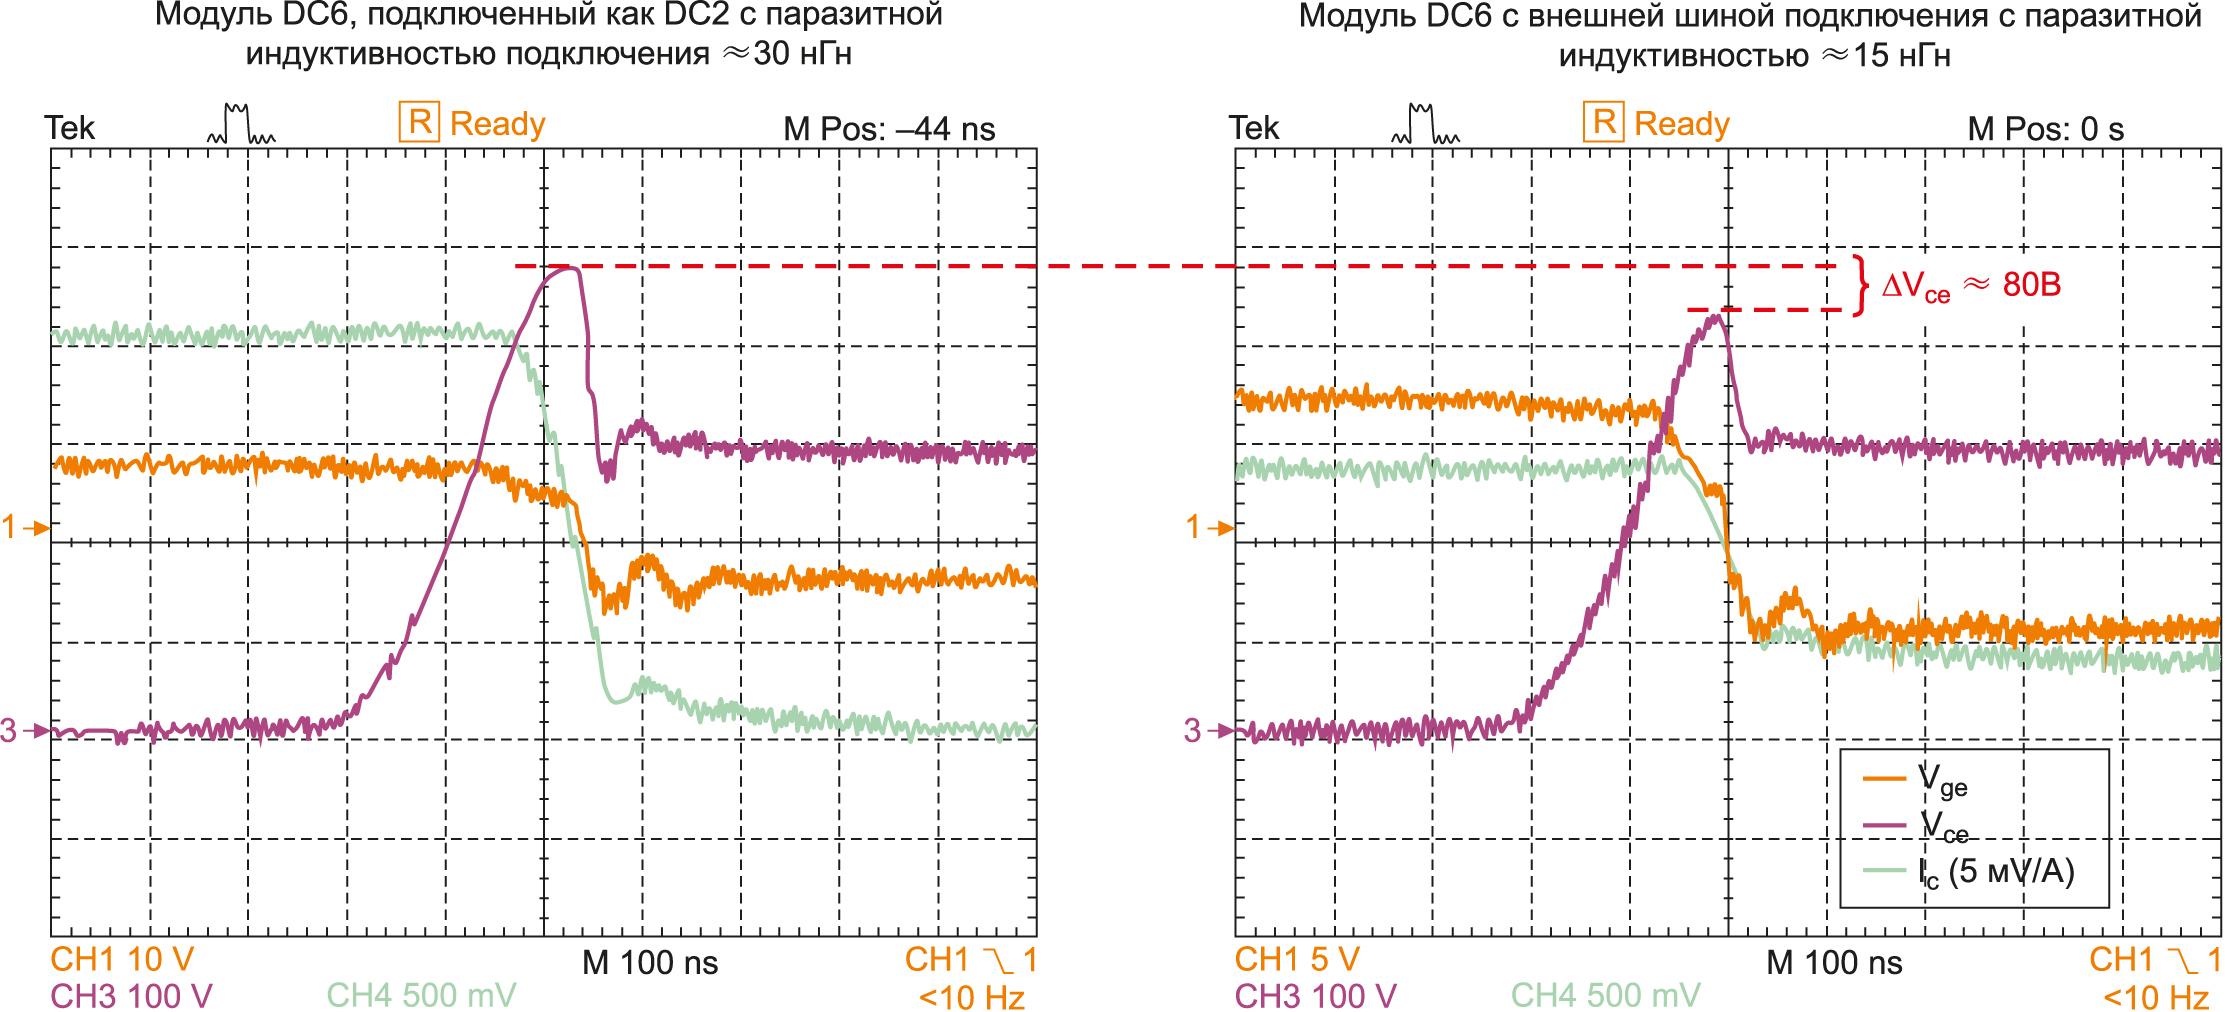 Значительное снижение перенапряжения при коммутации при использовании модуля DC6